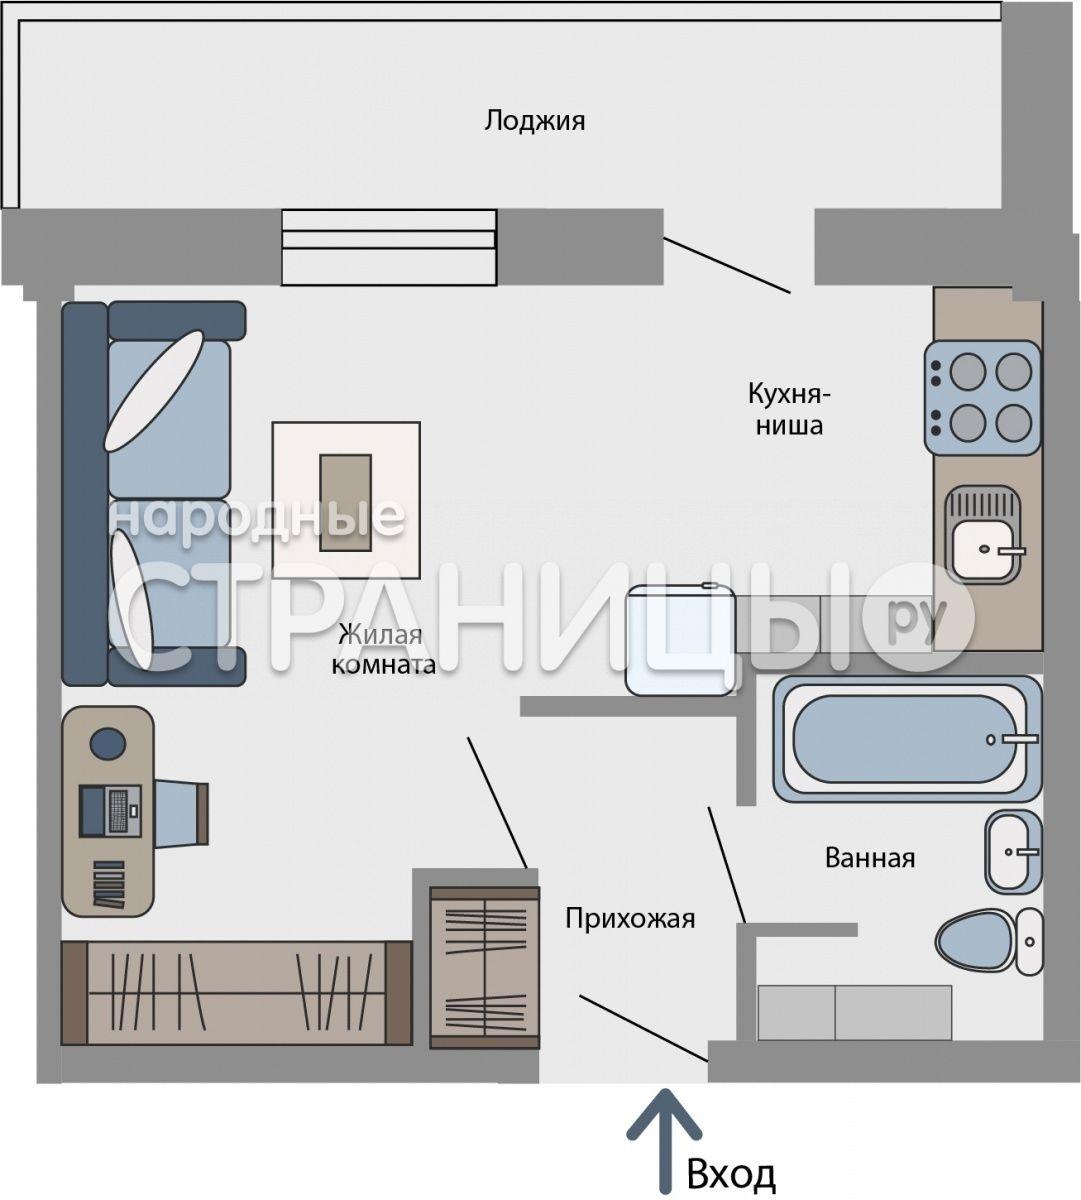 1-комнатная квартира, 28.3 м²,  3/16 эт. Деревянный дом